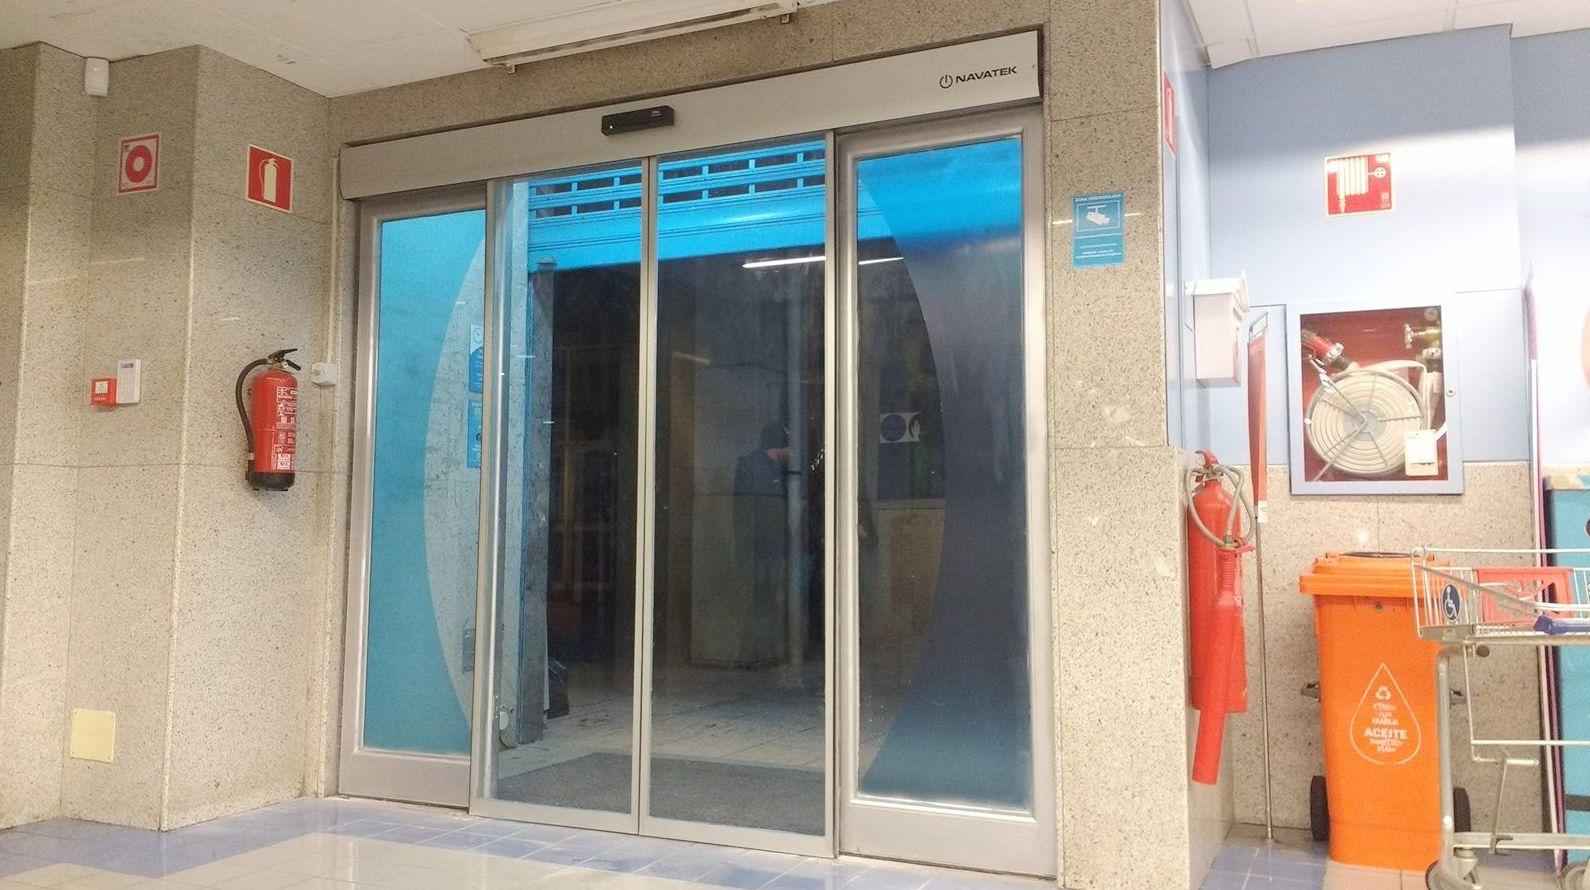 Foto 121 de Puertas automáticas en Galar | Navatek Puertas Automáticas, S.L.